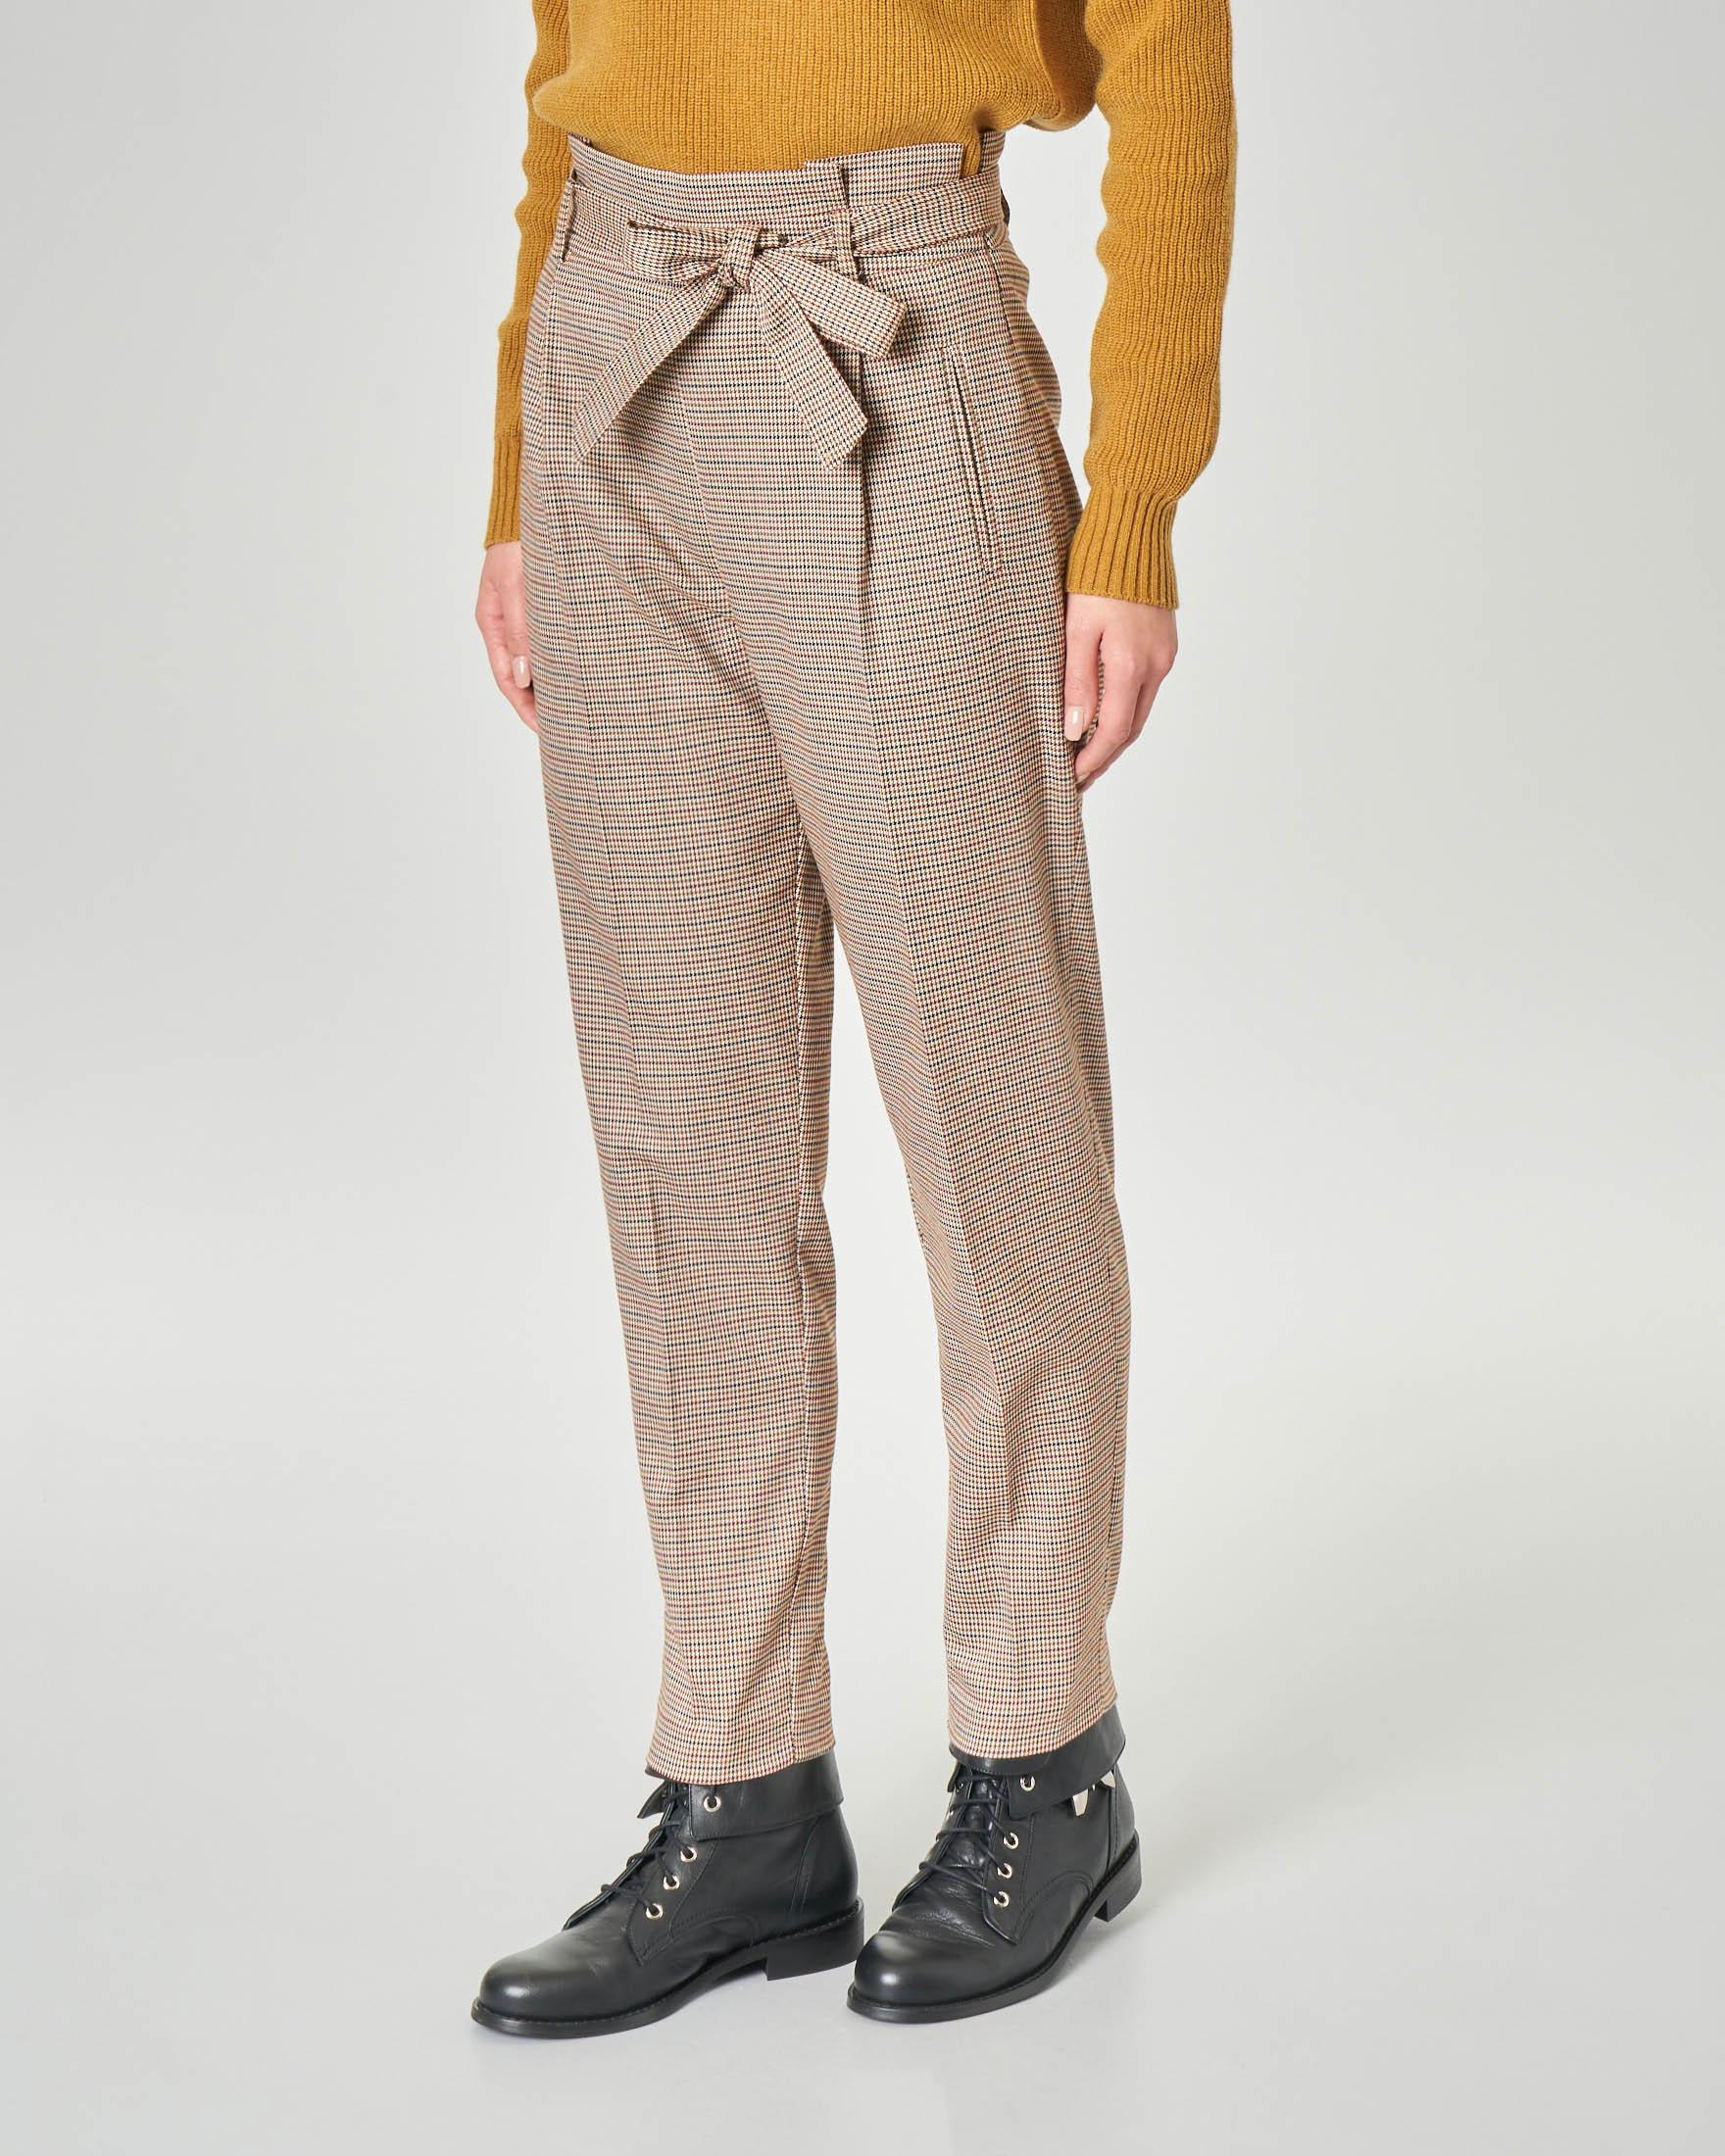 Pantalone in misto viscosa fantasia pied de poule marrone e bordeaux a vita alta con cintura in vita